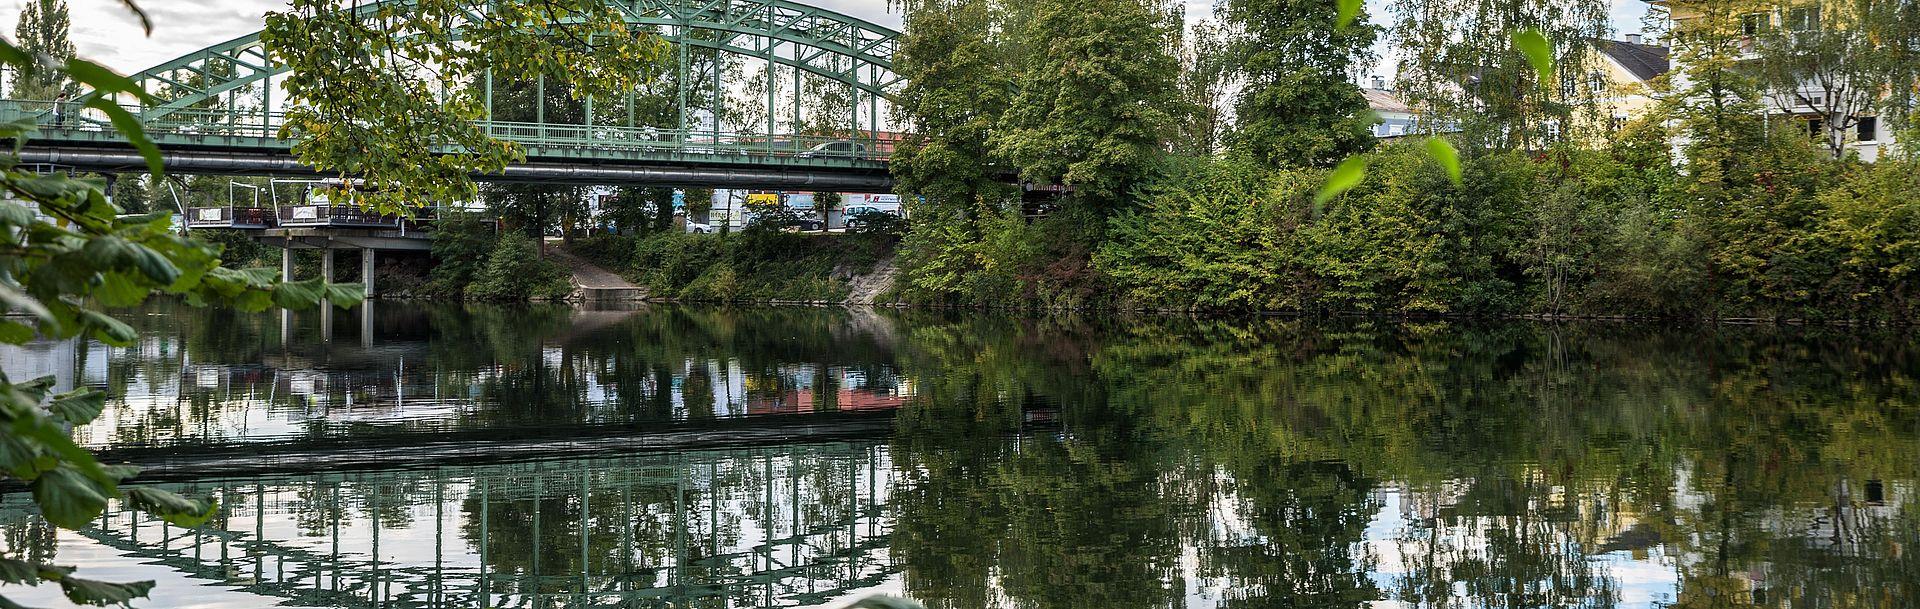 Traunbrücke